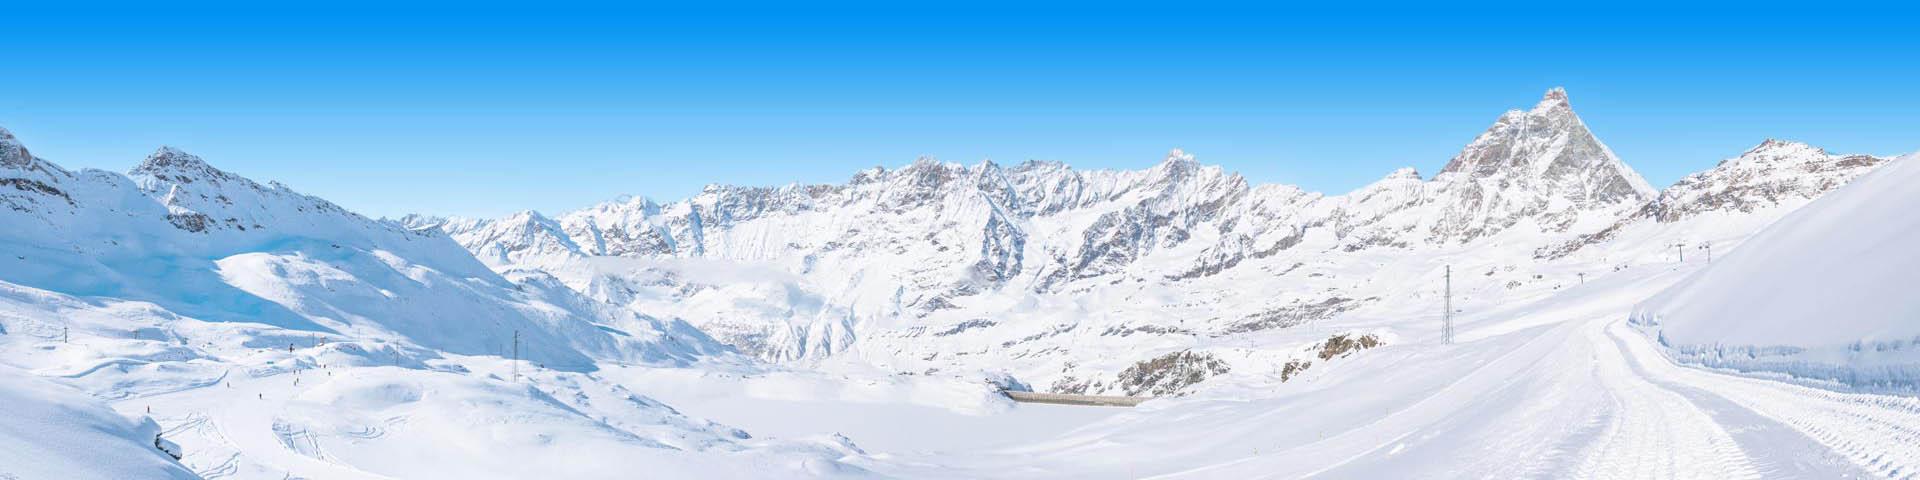 Prachtig besneeuwd landschap in Italië